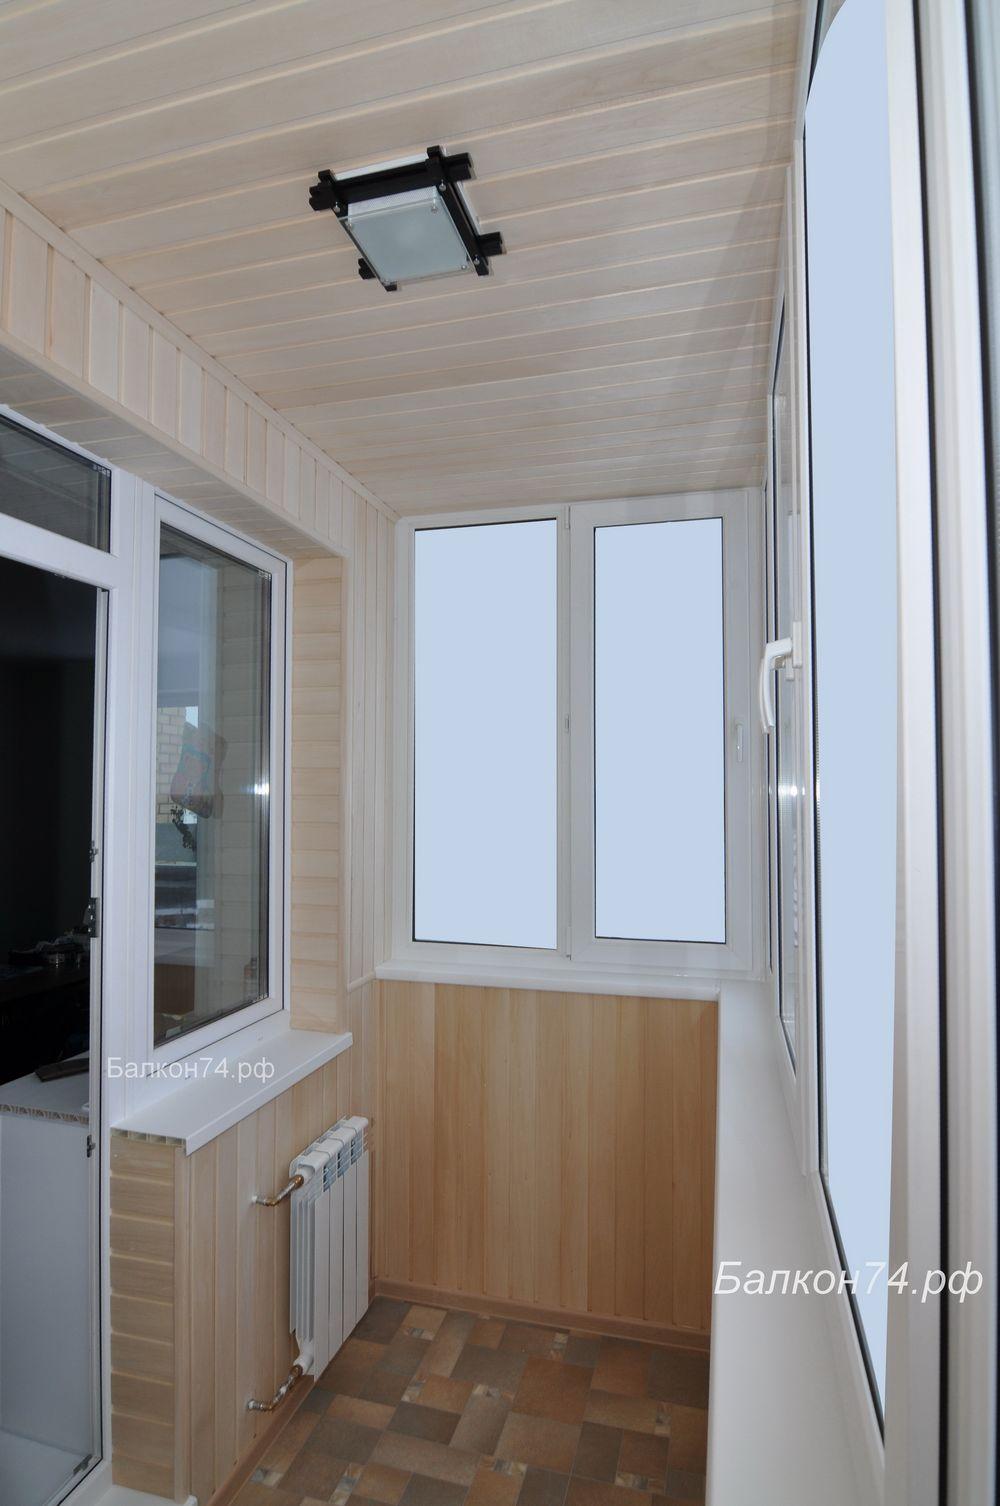 Внутренняя отделка балкона своими руками фото инструкция.